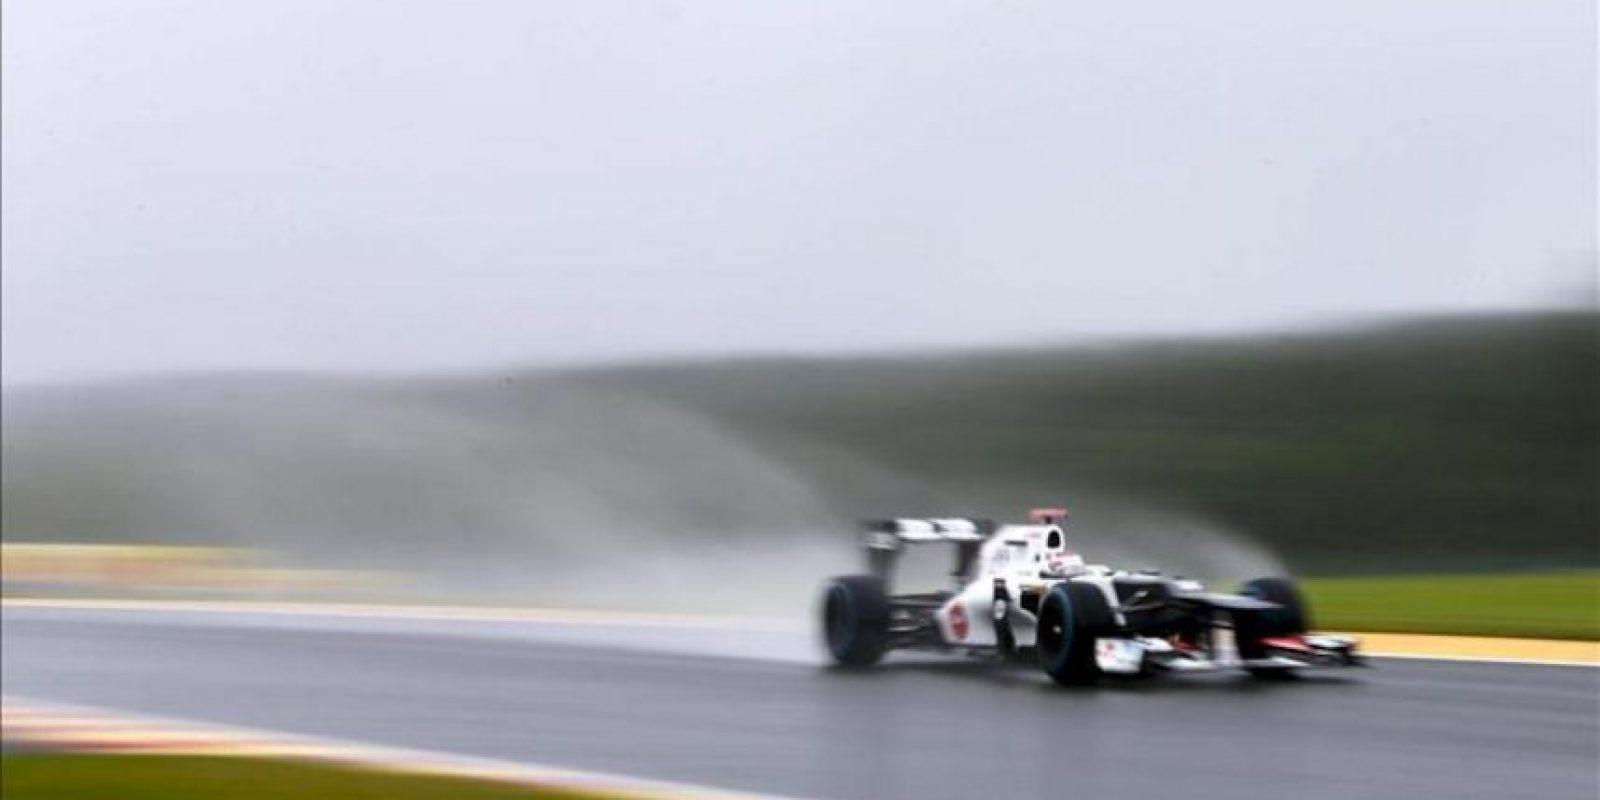 El piloto japonés de Fórmula Uno Kamui Kobayashi, de Sauber, conduce su monoplaza durante una sesión de entrenamiento hoy en el circuito Spa-Francorchamps en Bélgica. El Gran Premio de Bélgica se celebra el próximo 2 de septiembre. EFE